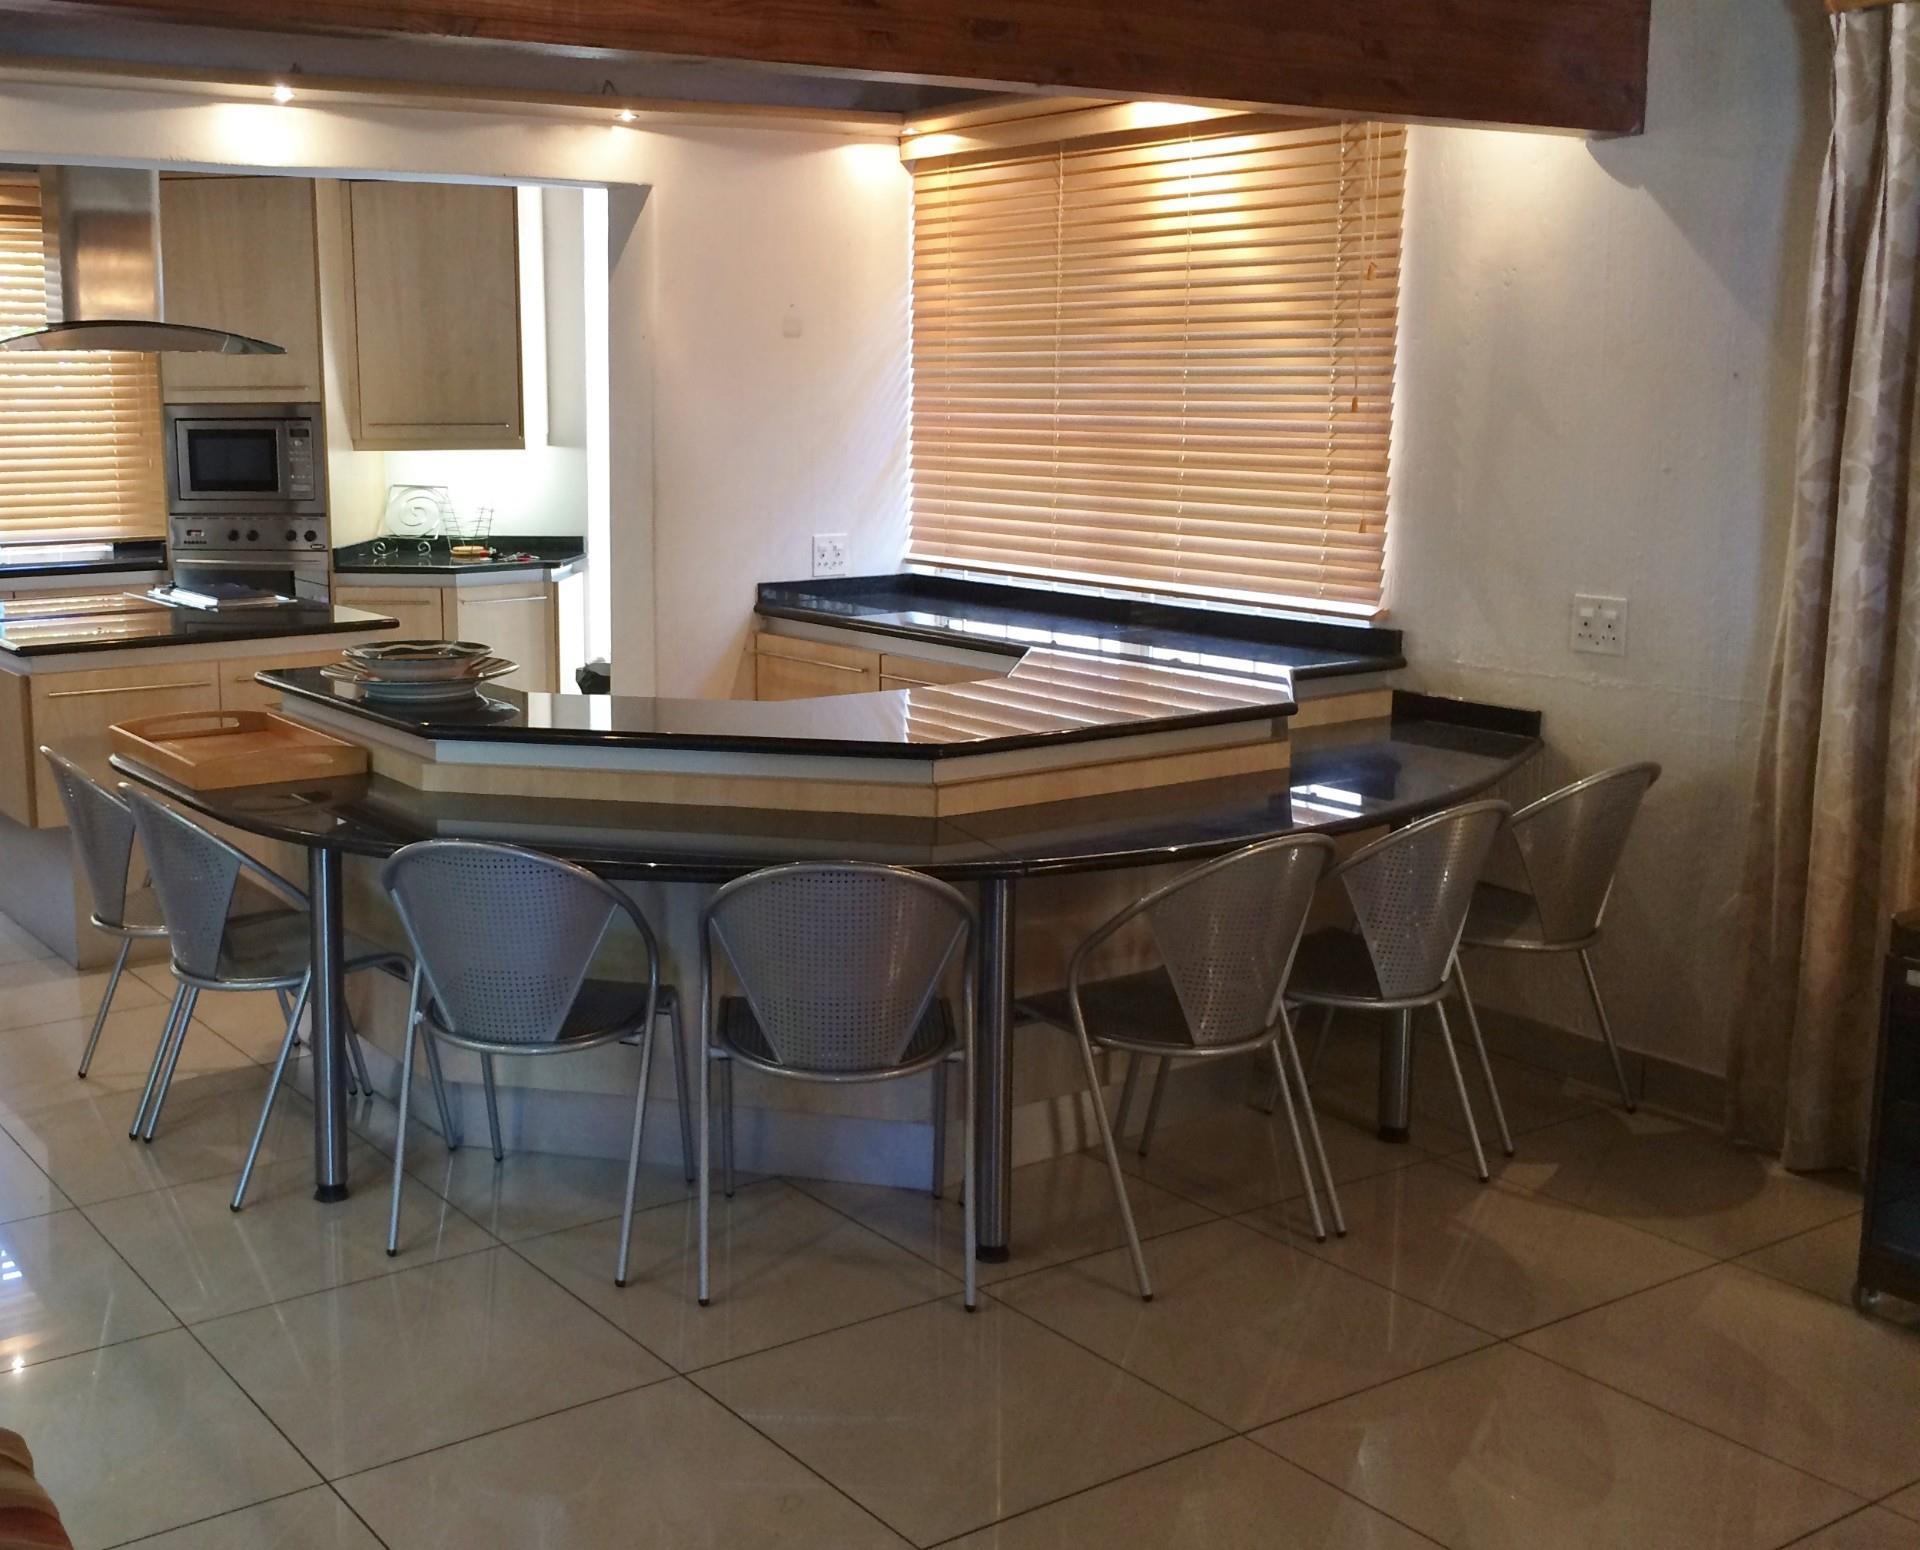 7 Bedroom House For Sale in Kaalplaats East